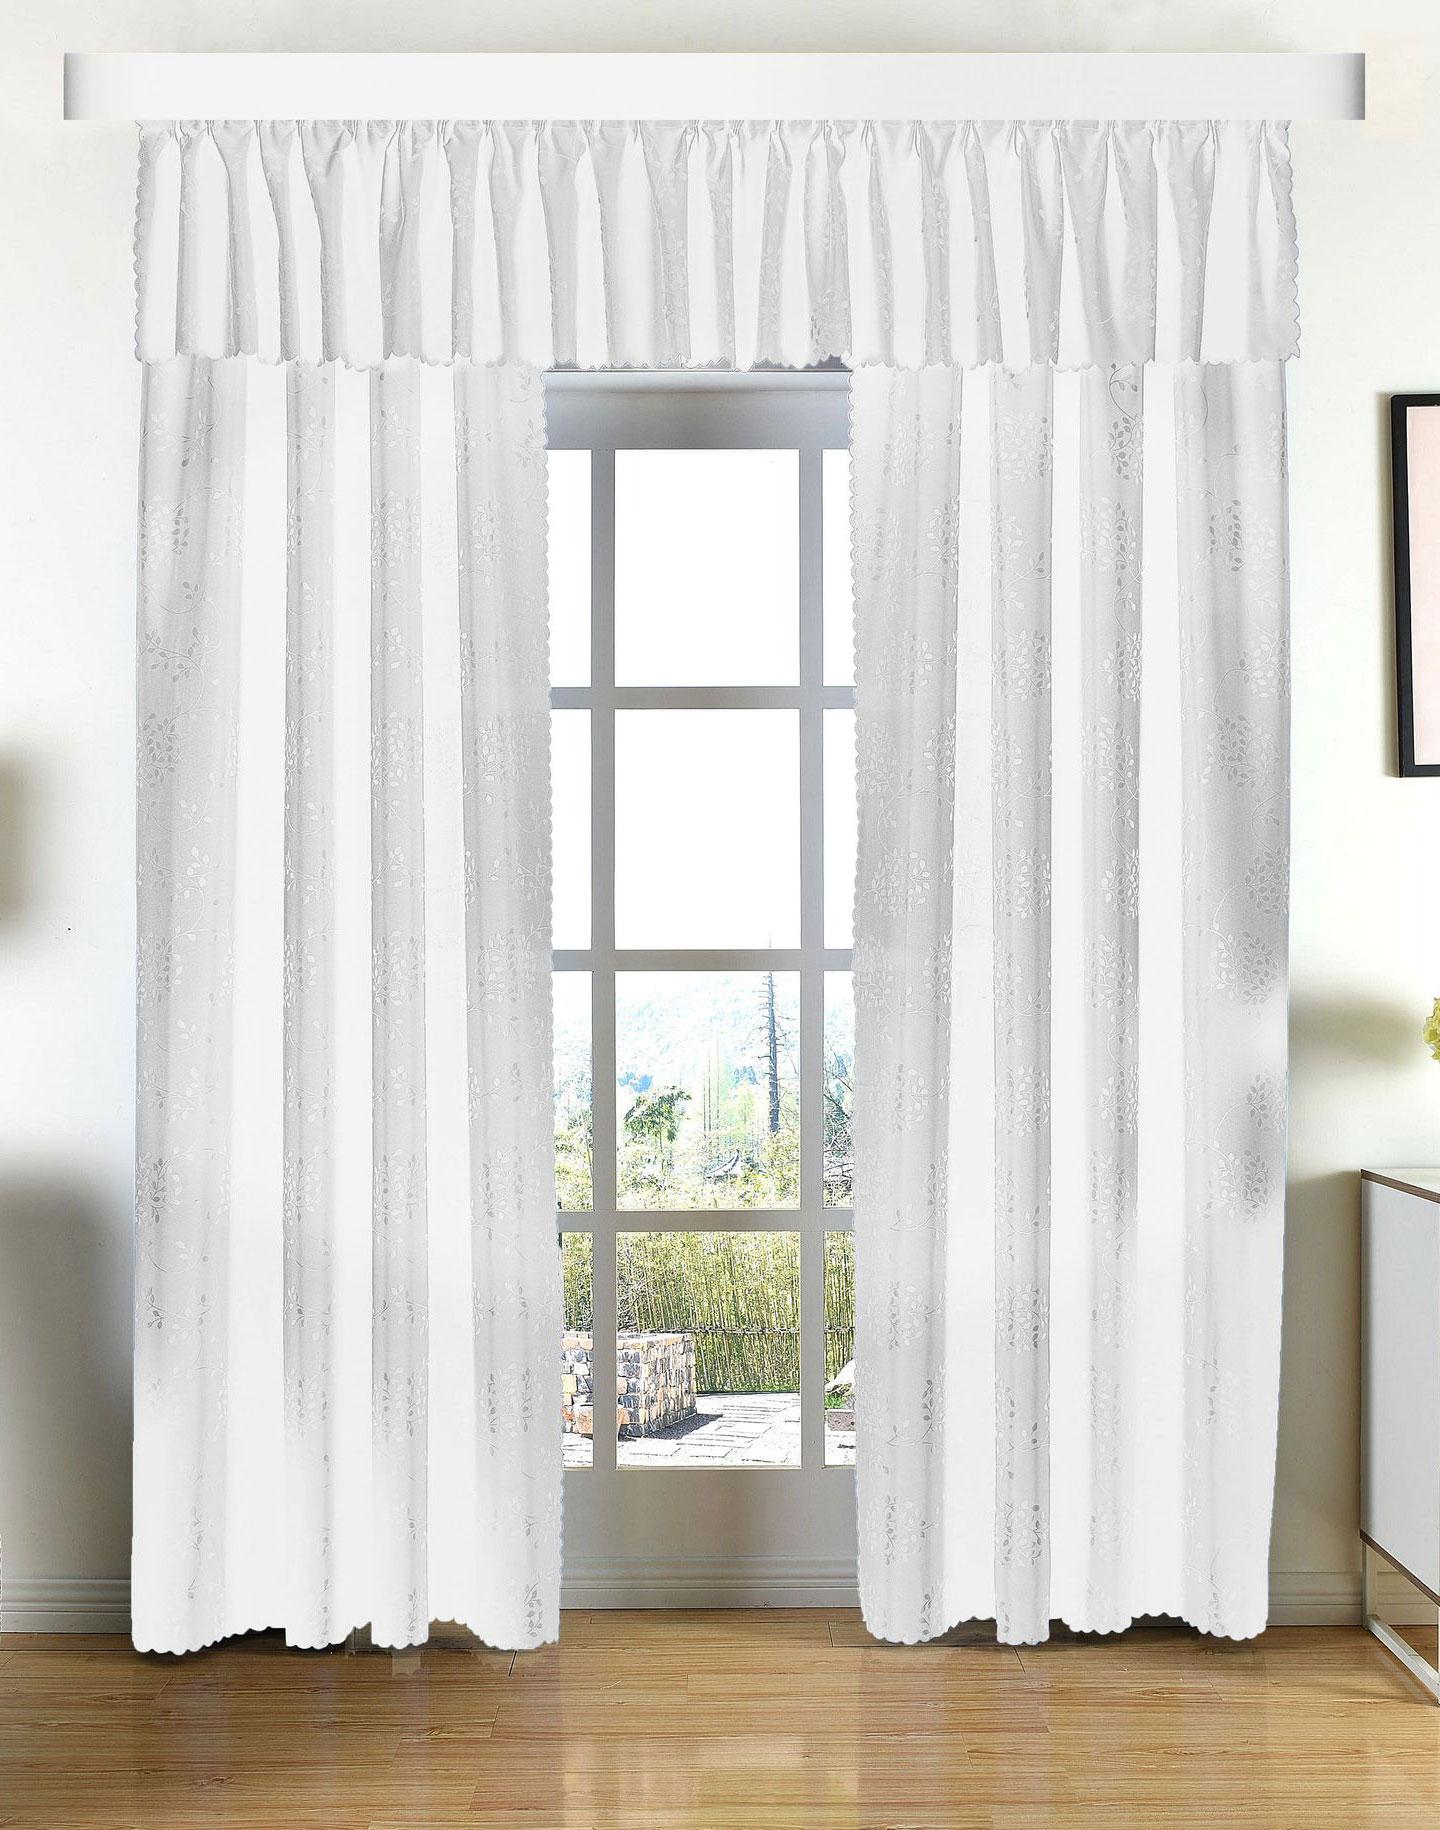 vorhang wei blickdicht gallery of kinlo vorhang blickdicht schlaufen vorhang aus hochweitig. Black Bedroom Furniture Sets. Home Design Ideas